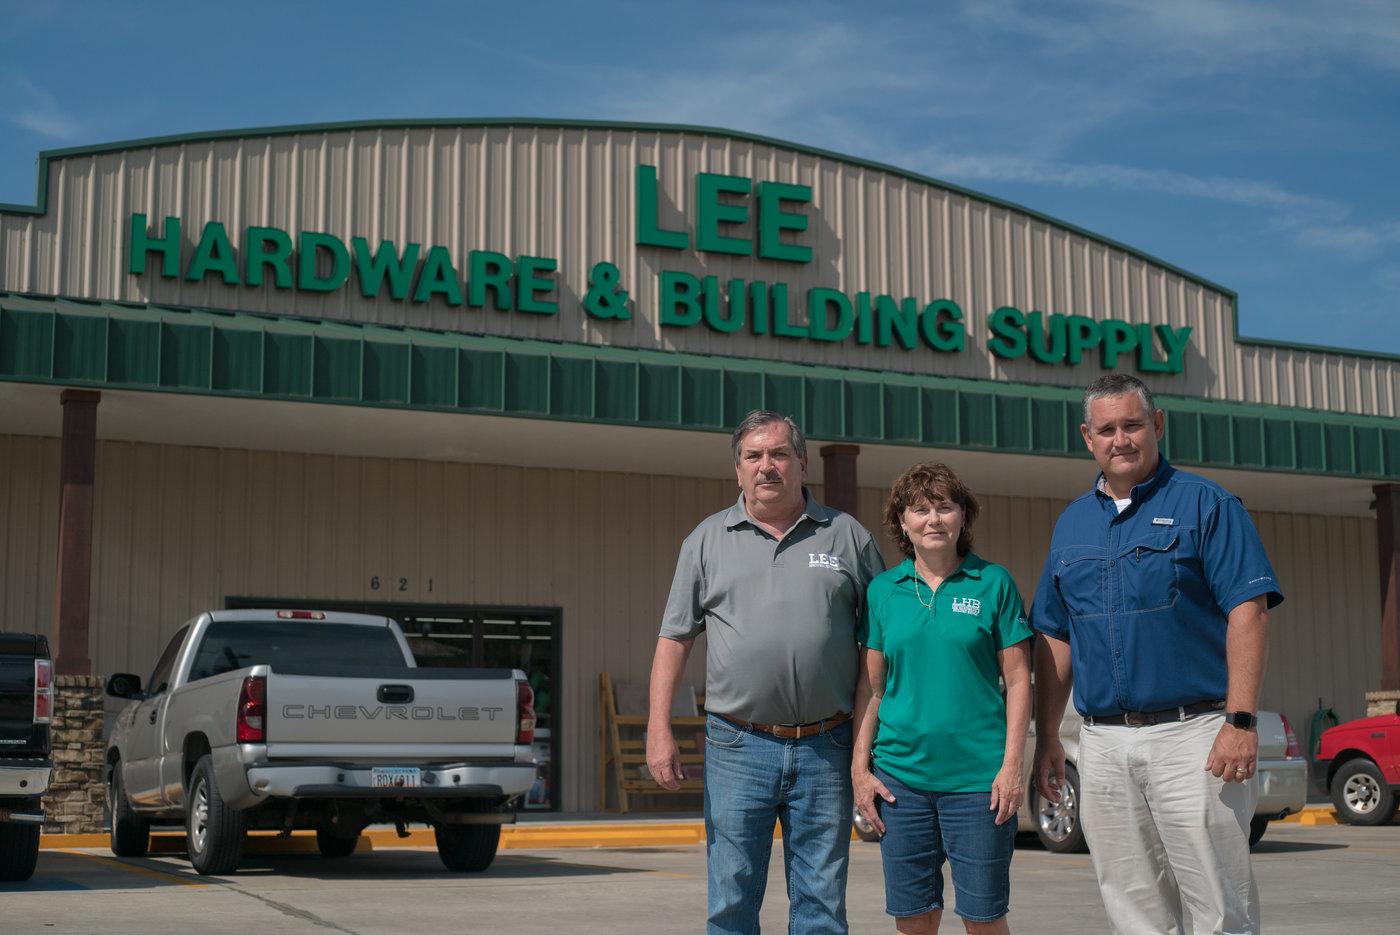 Richard Lee, Denise Lee and Jamie Bruner of Lee Hardware & Building Supply in Waycross, Ga.